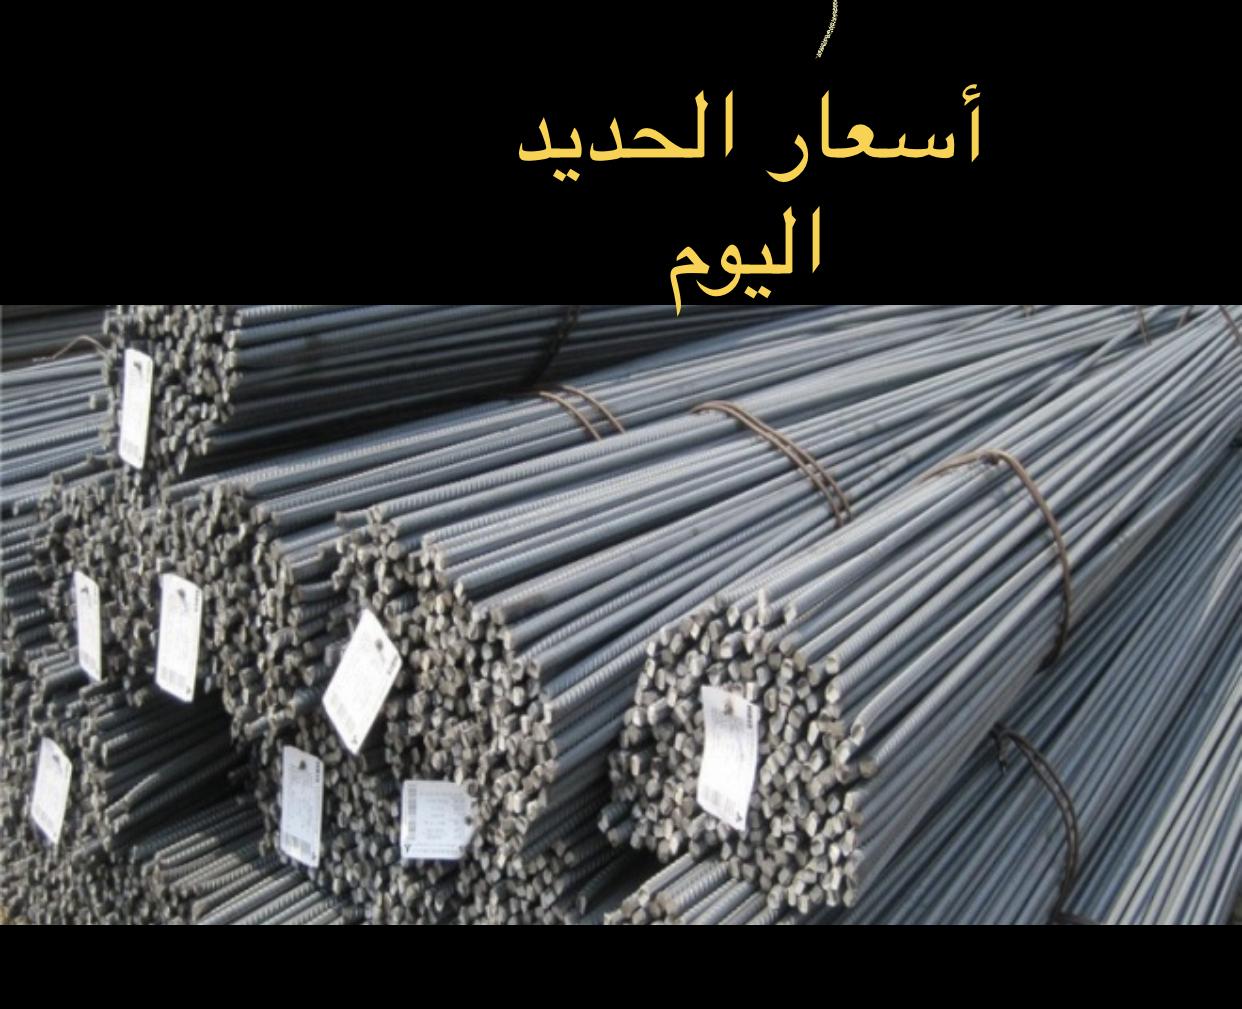 أسعار الحديد اليوم في الأمارات الكويت السعودية حديد تسليح سكراب سكك